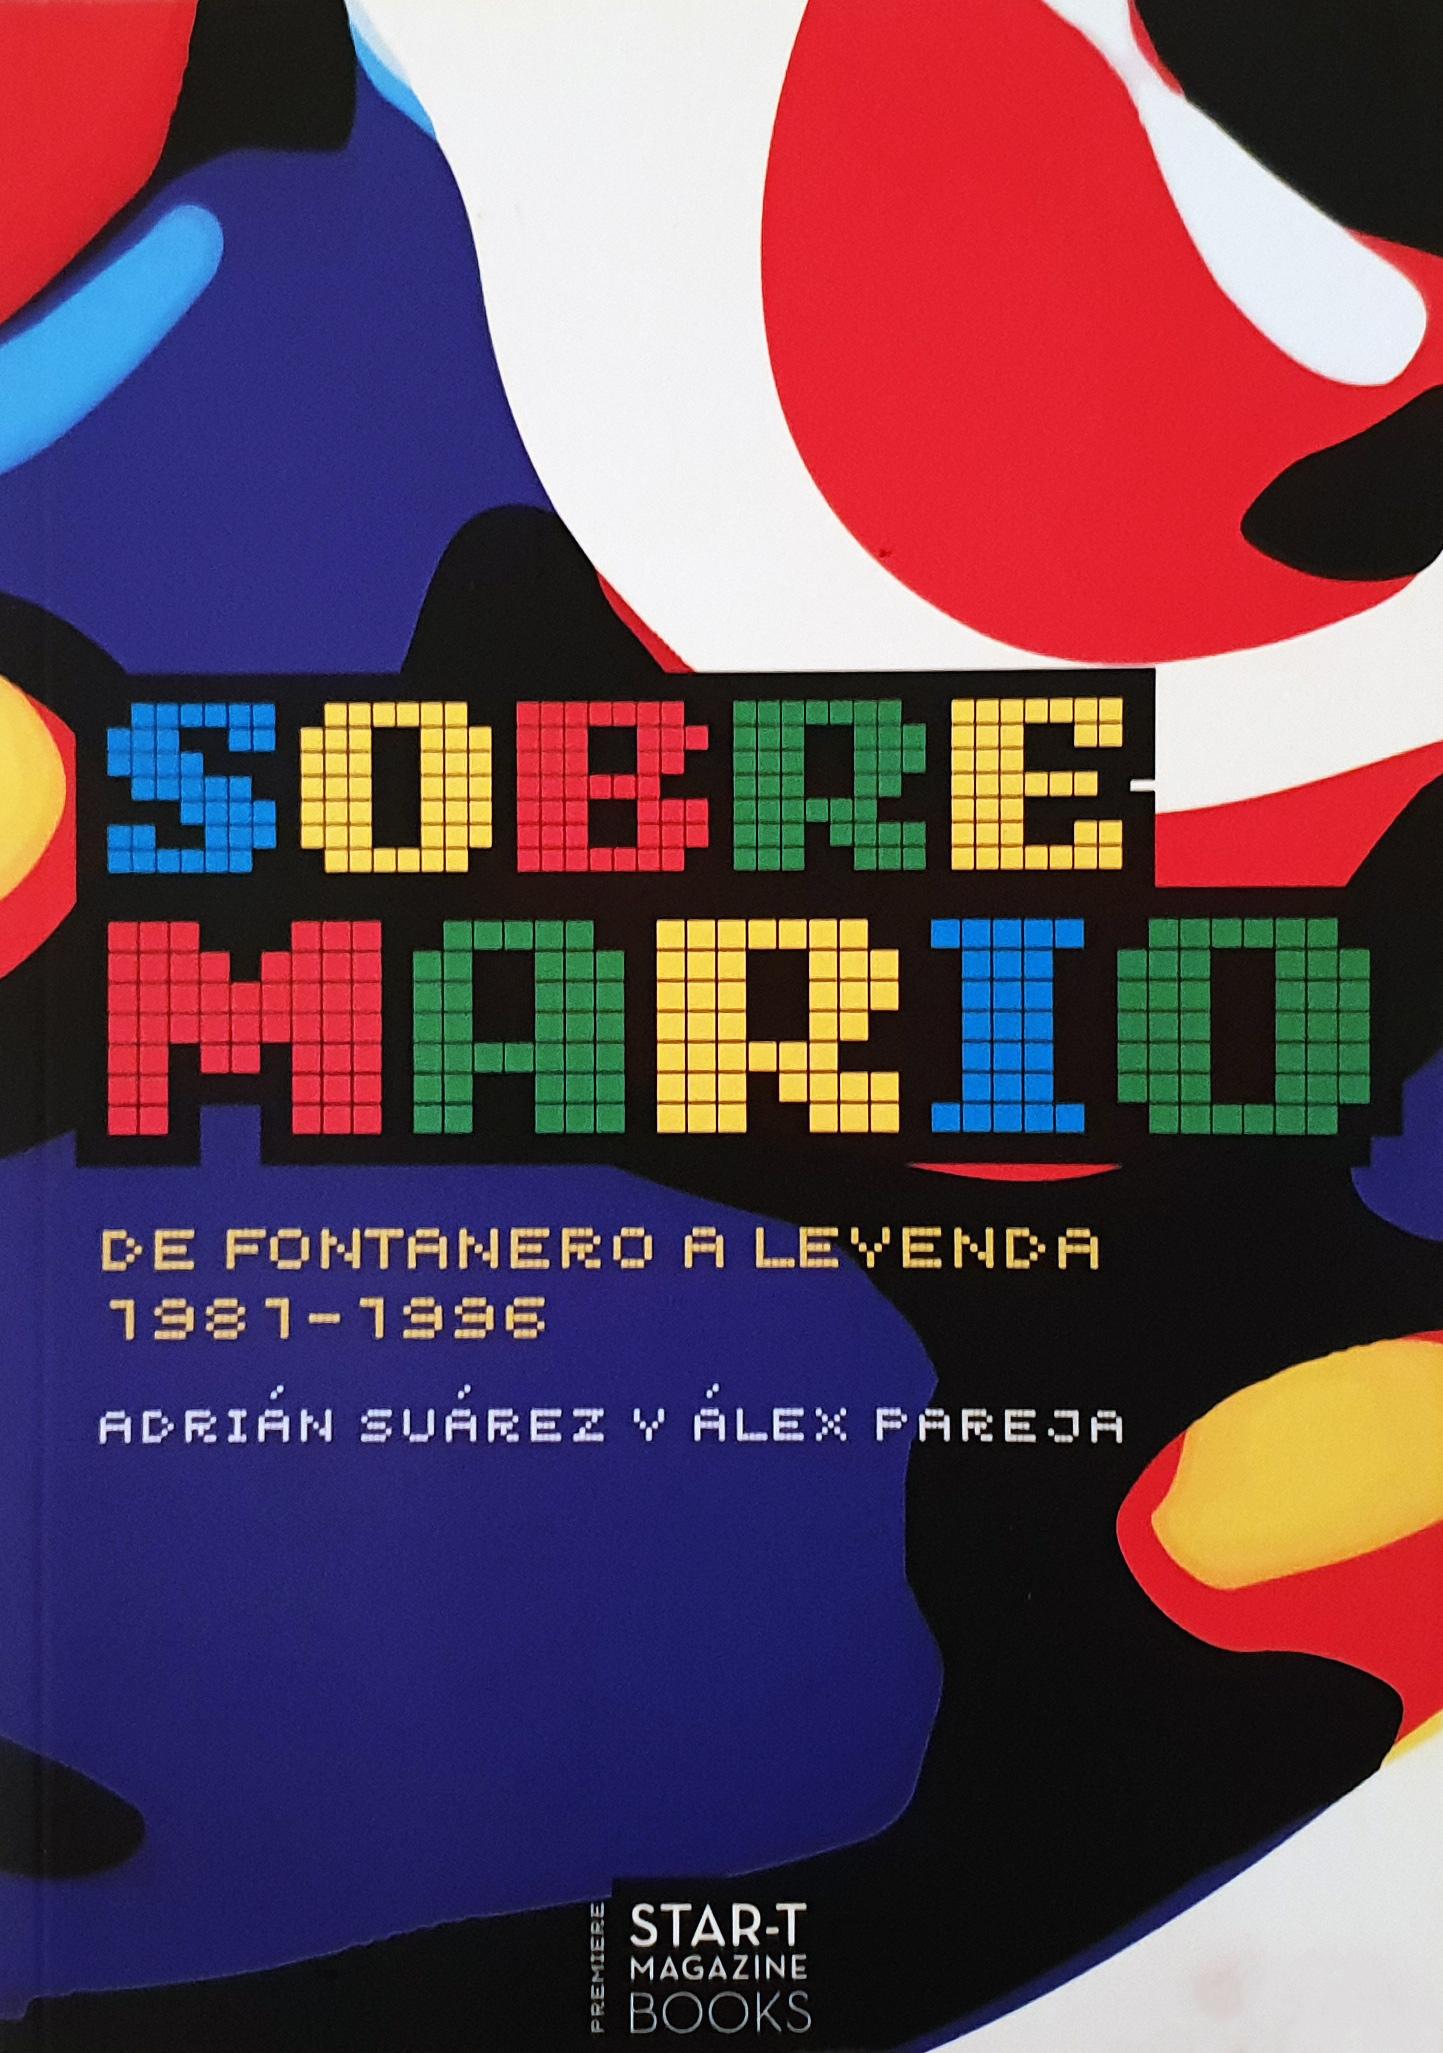 Portada libro - Sobre Mario : de fontanero a leyenda, 1981-1996